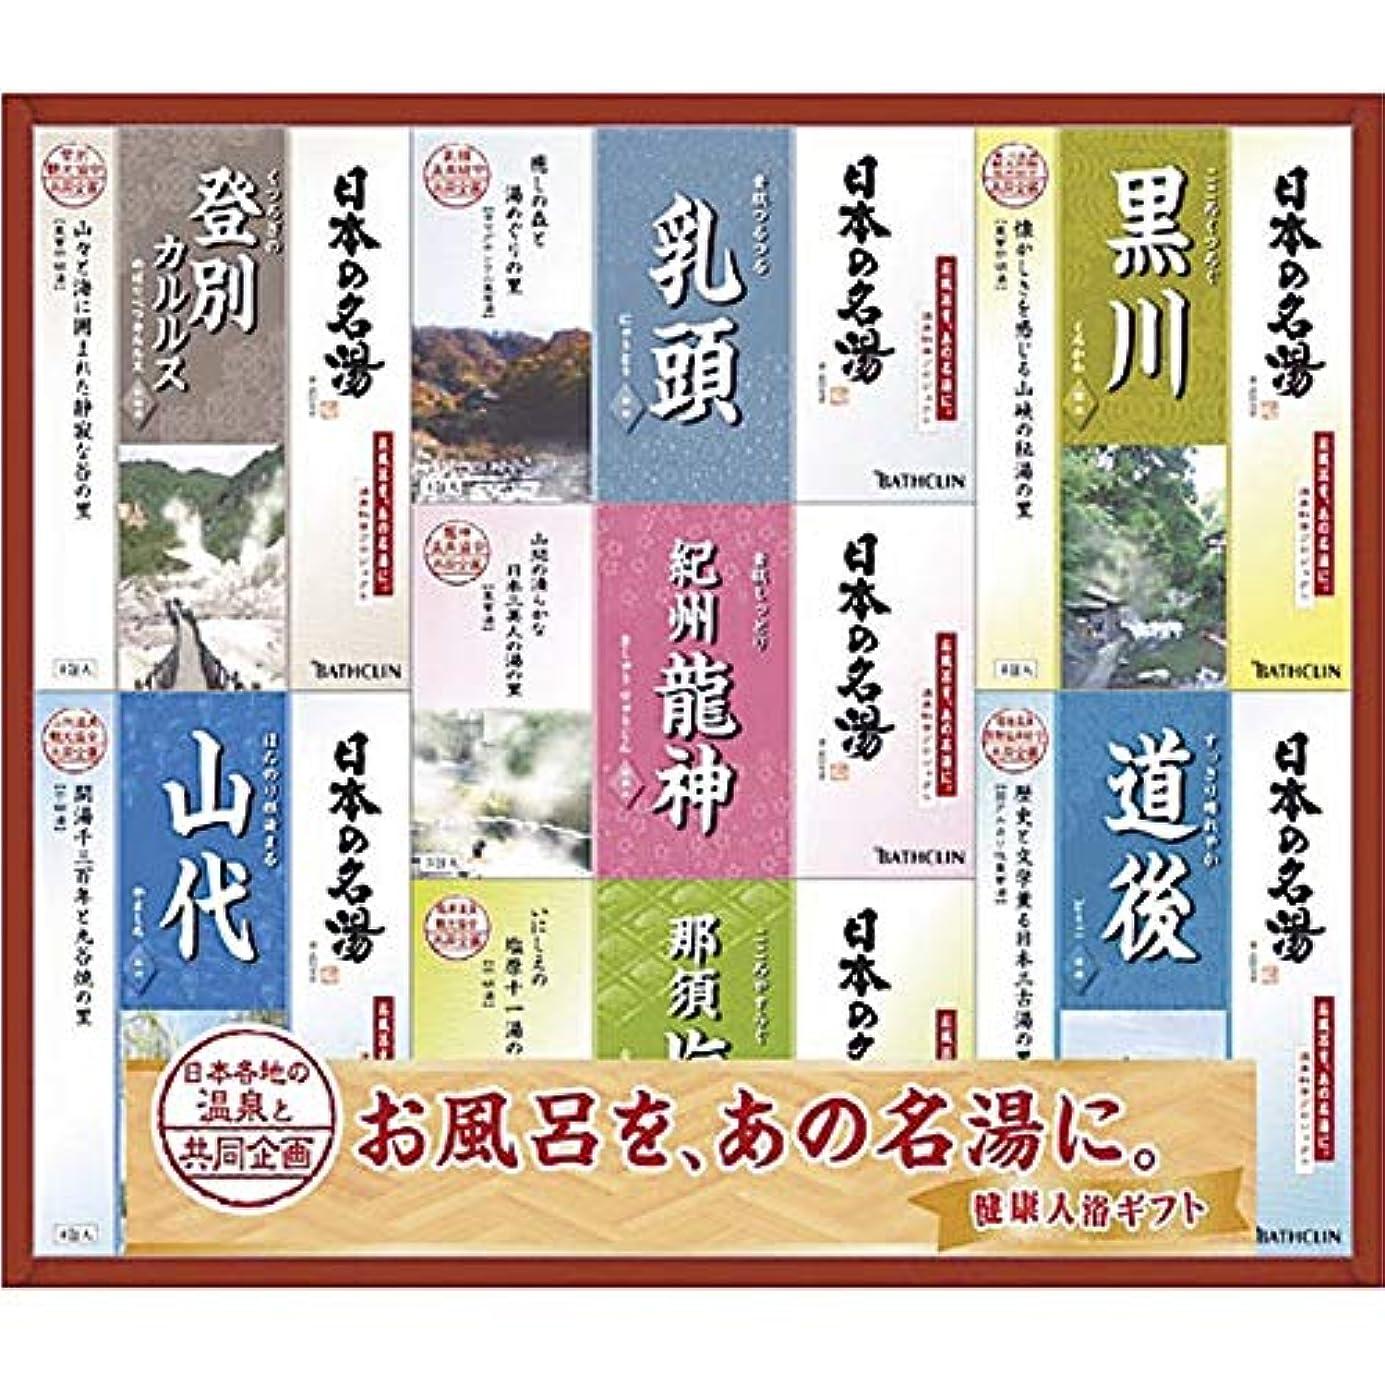 うつ笑ダウンバスクリン 日本の名湯 ギフトセット NMG-25F 【個包装 セット 詰め合わせ 疲労回復 ご褒美 贅沢 プチギフト 温まる 温泉 粉 ご当地 まとめ買い 名湯 リラックス 美肌 つめあわせ やさしい やすらぎ】